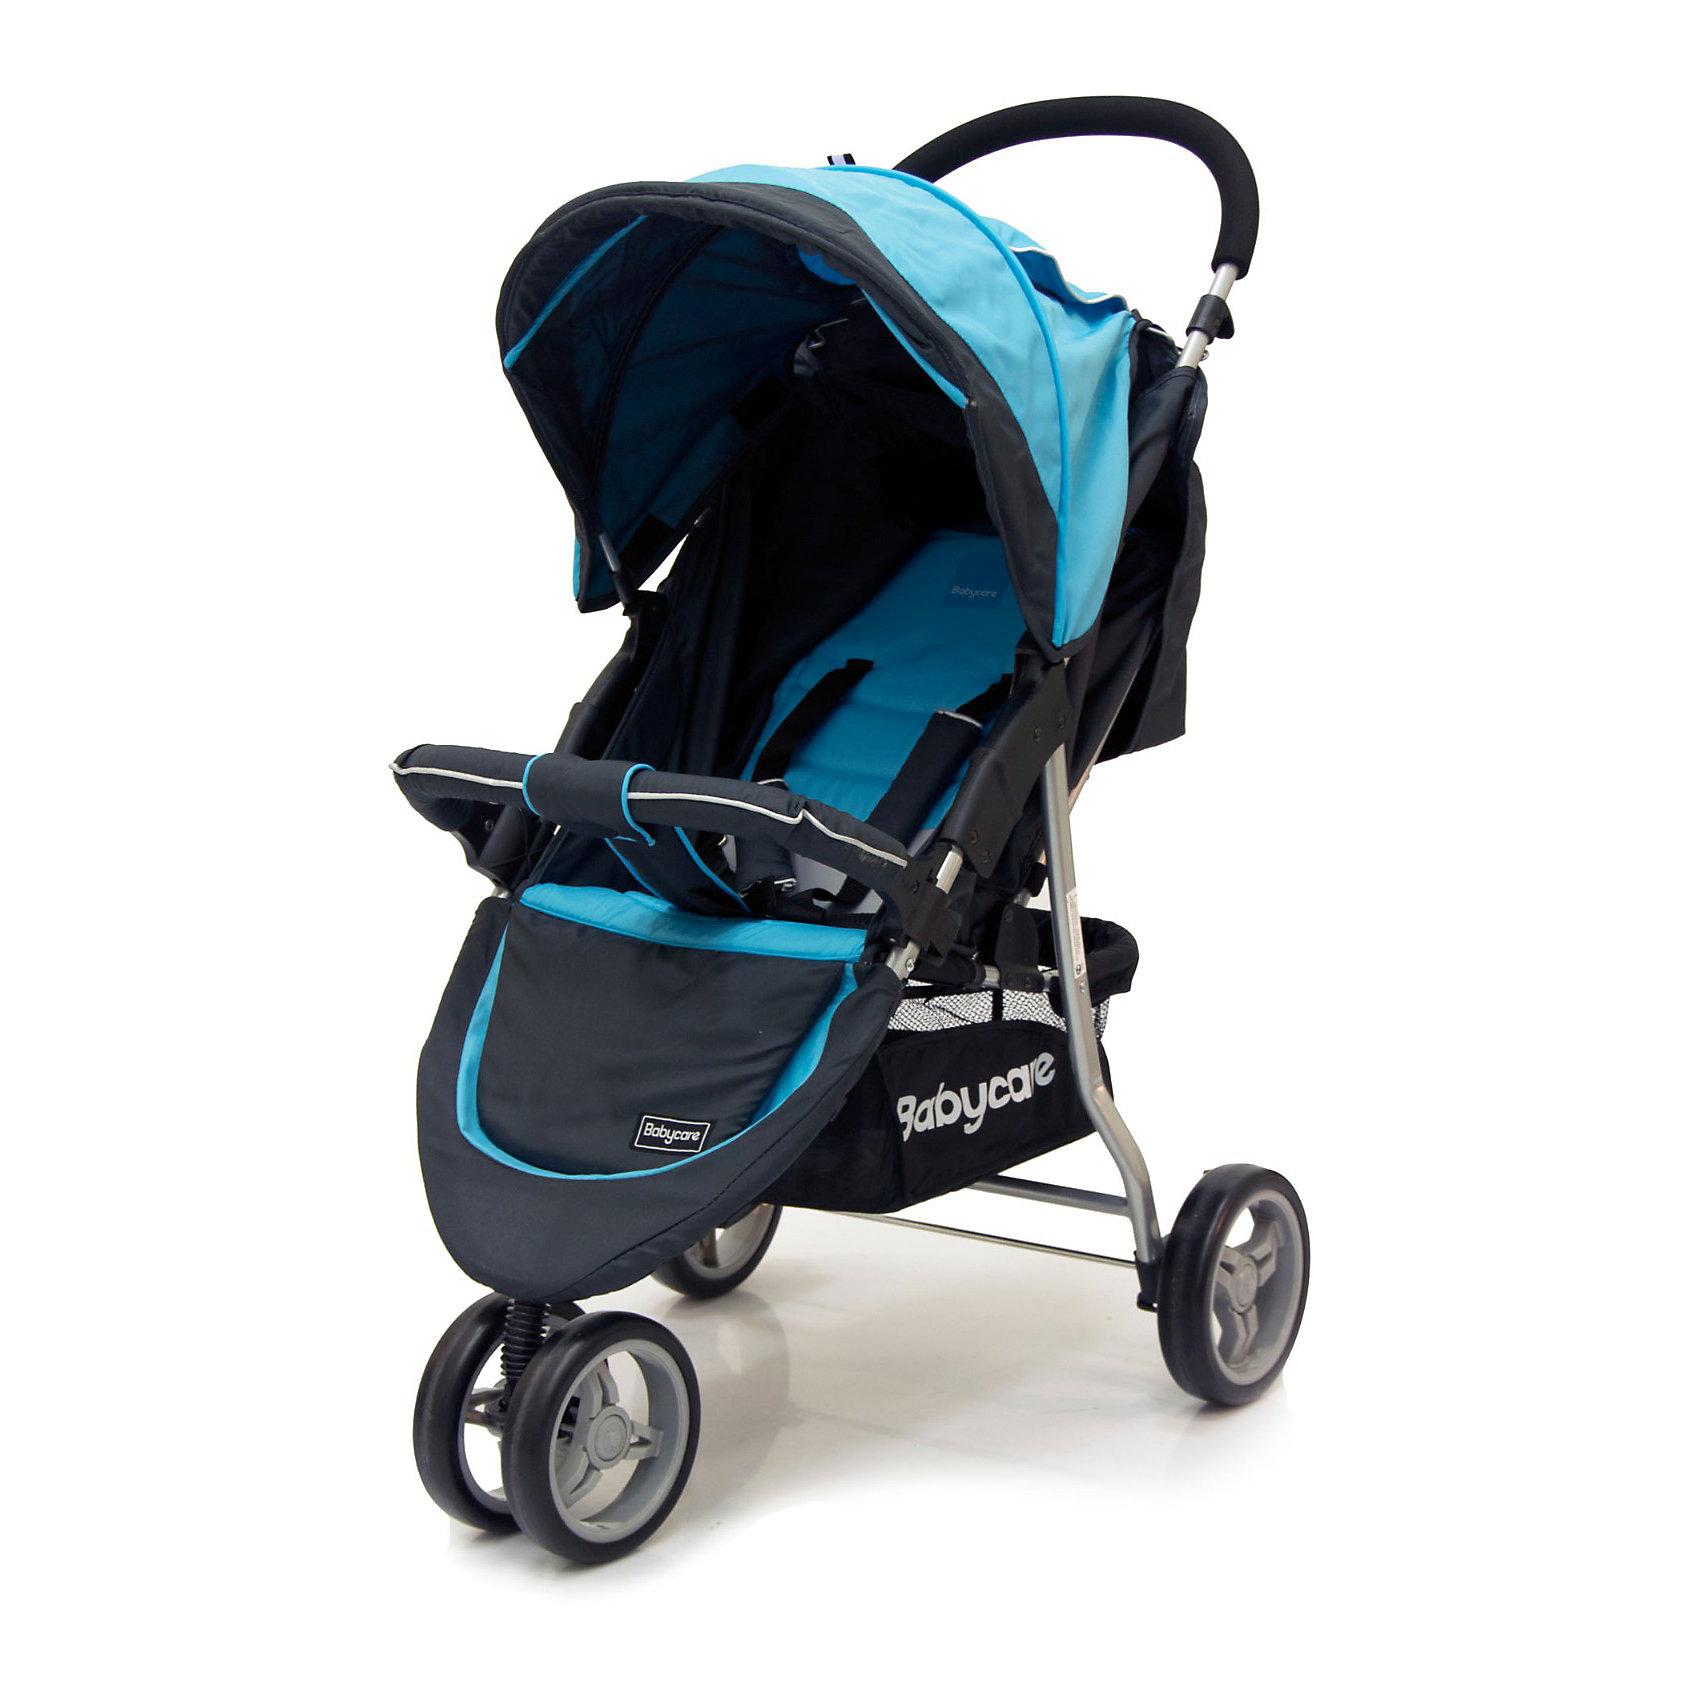 Прогулочная коляска Jogger Lite, Baby Care, голубойКоляска Jogger Lite от Baby Care - трехколесная прогулочная коляска, очень легкая, удобная  и маневренная. Благодаря продуманному дизайну коляска очень комфортна не только для ребенка но и для мамы. Особая конструкция колес - сдвоенное переднее и задние с увеличенными диаметром обеспечивают коляске высокую маневренность и хорошую проходимость, коляска отлично передвигается по любой местности.<br><br>Коляска оснащена удобным сиденьем для малыша с 5-точечными ремнями безопасности и съемным бампером, спинка механически раскладывается до 170 градусов. Подножку также можно настраивать по высоте. С ее помощью получается просторное спальное место оптимальной длины. Сиденье защищено большим капюшоном с карманом, окошком и дополнительным козырьком. В коляске имеется также просторная корзина для детских принадлежностей или покупок.<br>Коляска легко складывается книжкой, ее компактность и легкий вес позволяют использовать ее во время поездок и путешествий.<br> <br>Особенности:<br><br>- легкая алюминиевая рама;<br>- материал с водоотталкивающей пропиткой;<br>- большой капюшон с окошком, карманом на молнии и дополнительным козырьком;<br>- в комплект входит чехол на ножки;<br>- механическое раскладывание спинки до 170 градусов;<br>- подножка регулируется по высоте;<br>- съемный бампер с мягкой накладкой;<br>- 5-точечные ремни безопасности;<br>- сетчатая корзина для покупок;<br>- тип колес: переднее – сдвоенное, заднее – одинарное, пластиковая имитация;<br>- коляска легко складывается книжкой, может стоять в сложенном виде, компактна в хранении.<br><br>Дополнительная информация:<br><br>- Материал: ткань, аллюминий.<br>- Цвет: голубой.<br>- Длина спального места: 60 см.<br>- Размер сиденья: 20 x 30 см.<br>- Высота сиденья от пола: 40 см.<br>- Диаметр колес: переднее – 17 см, задние – 19 см.<br>- Ширина колесной базы: 53 см<br>- Размер коляски в сложенном виде: 53 x 83 x 40 см.<br>- Размер упаковки: 80 x 20 x 48 см.<br>- Вес: 7,5 кг